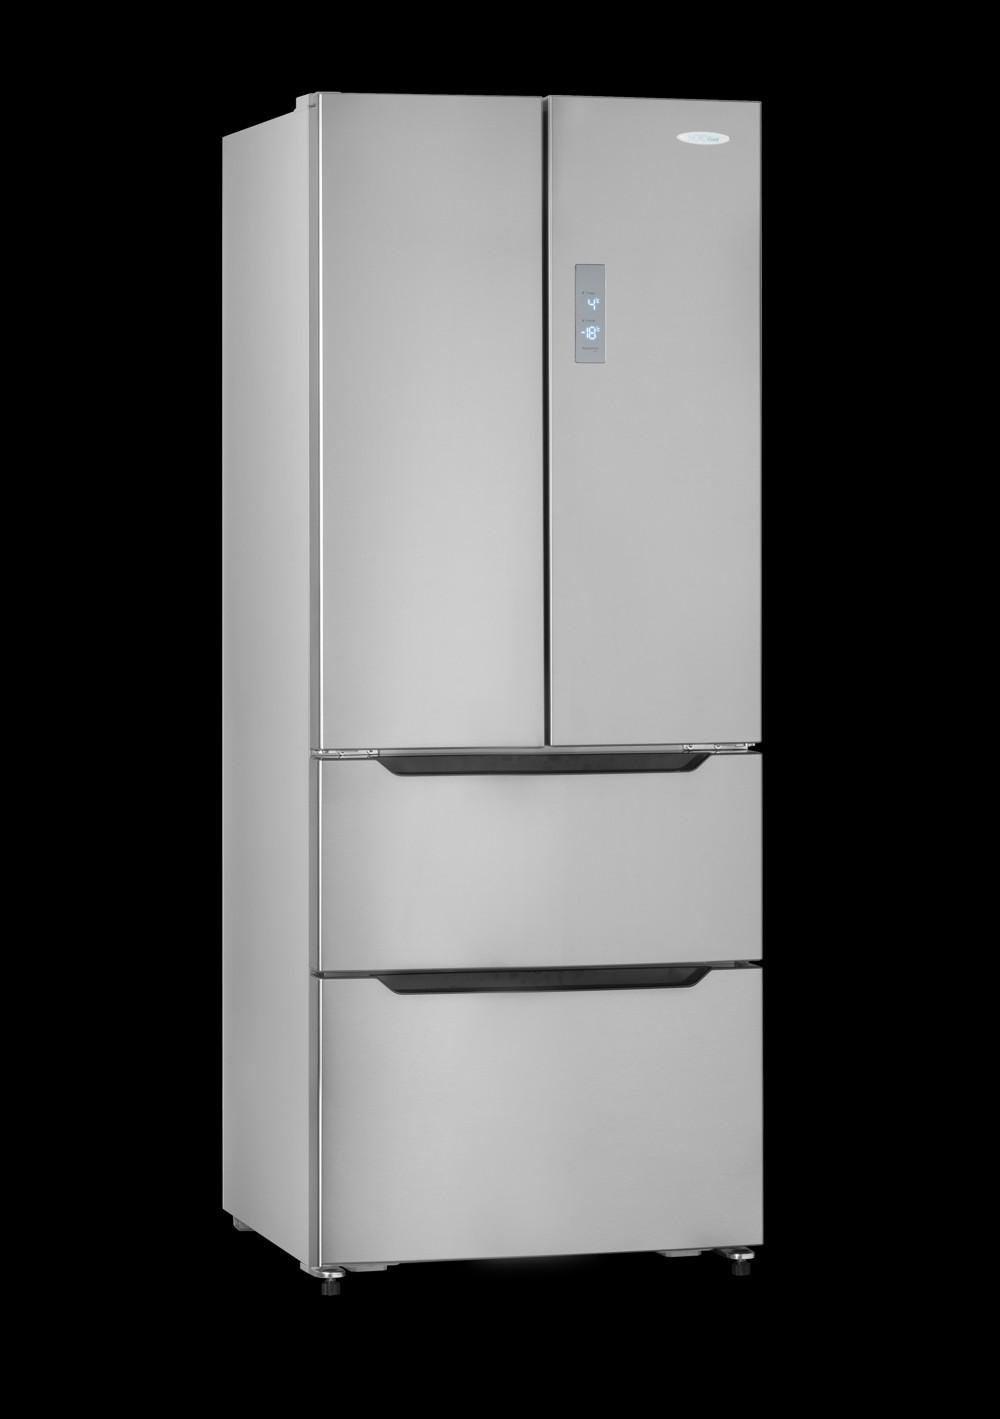 Americké lednice poskytují kvalitní chlazení a spoustu místa